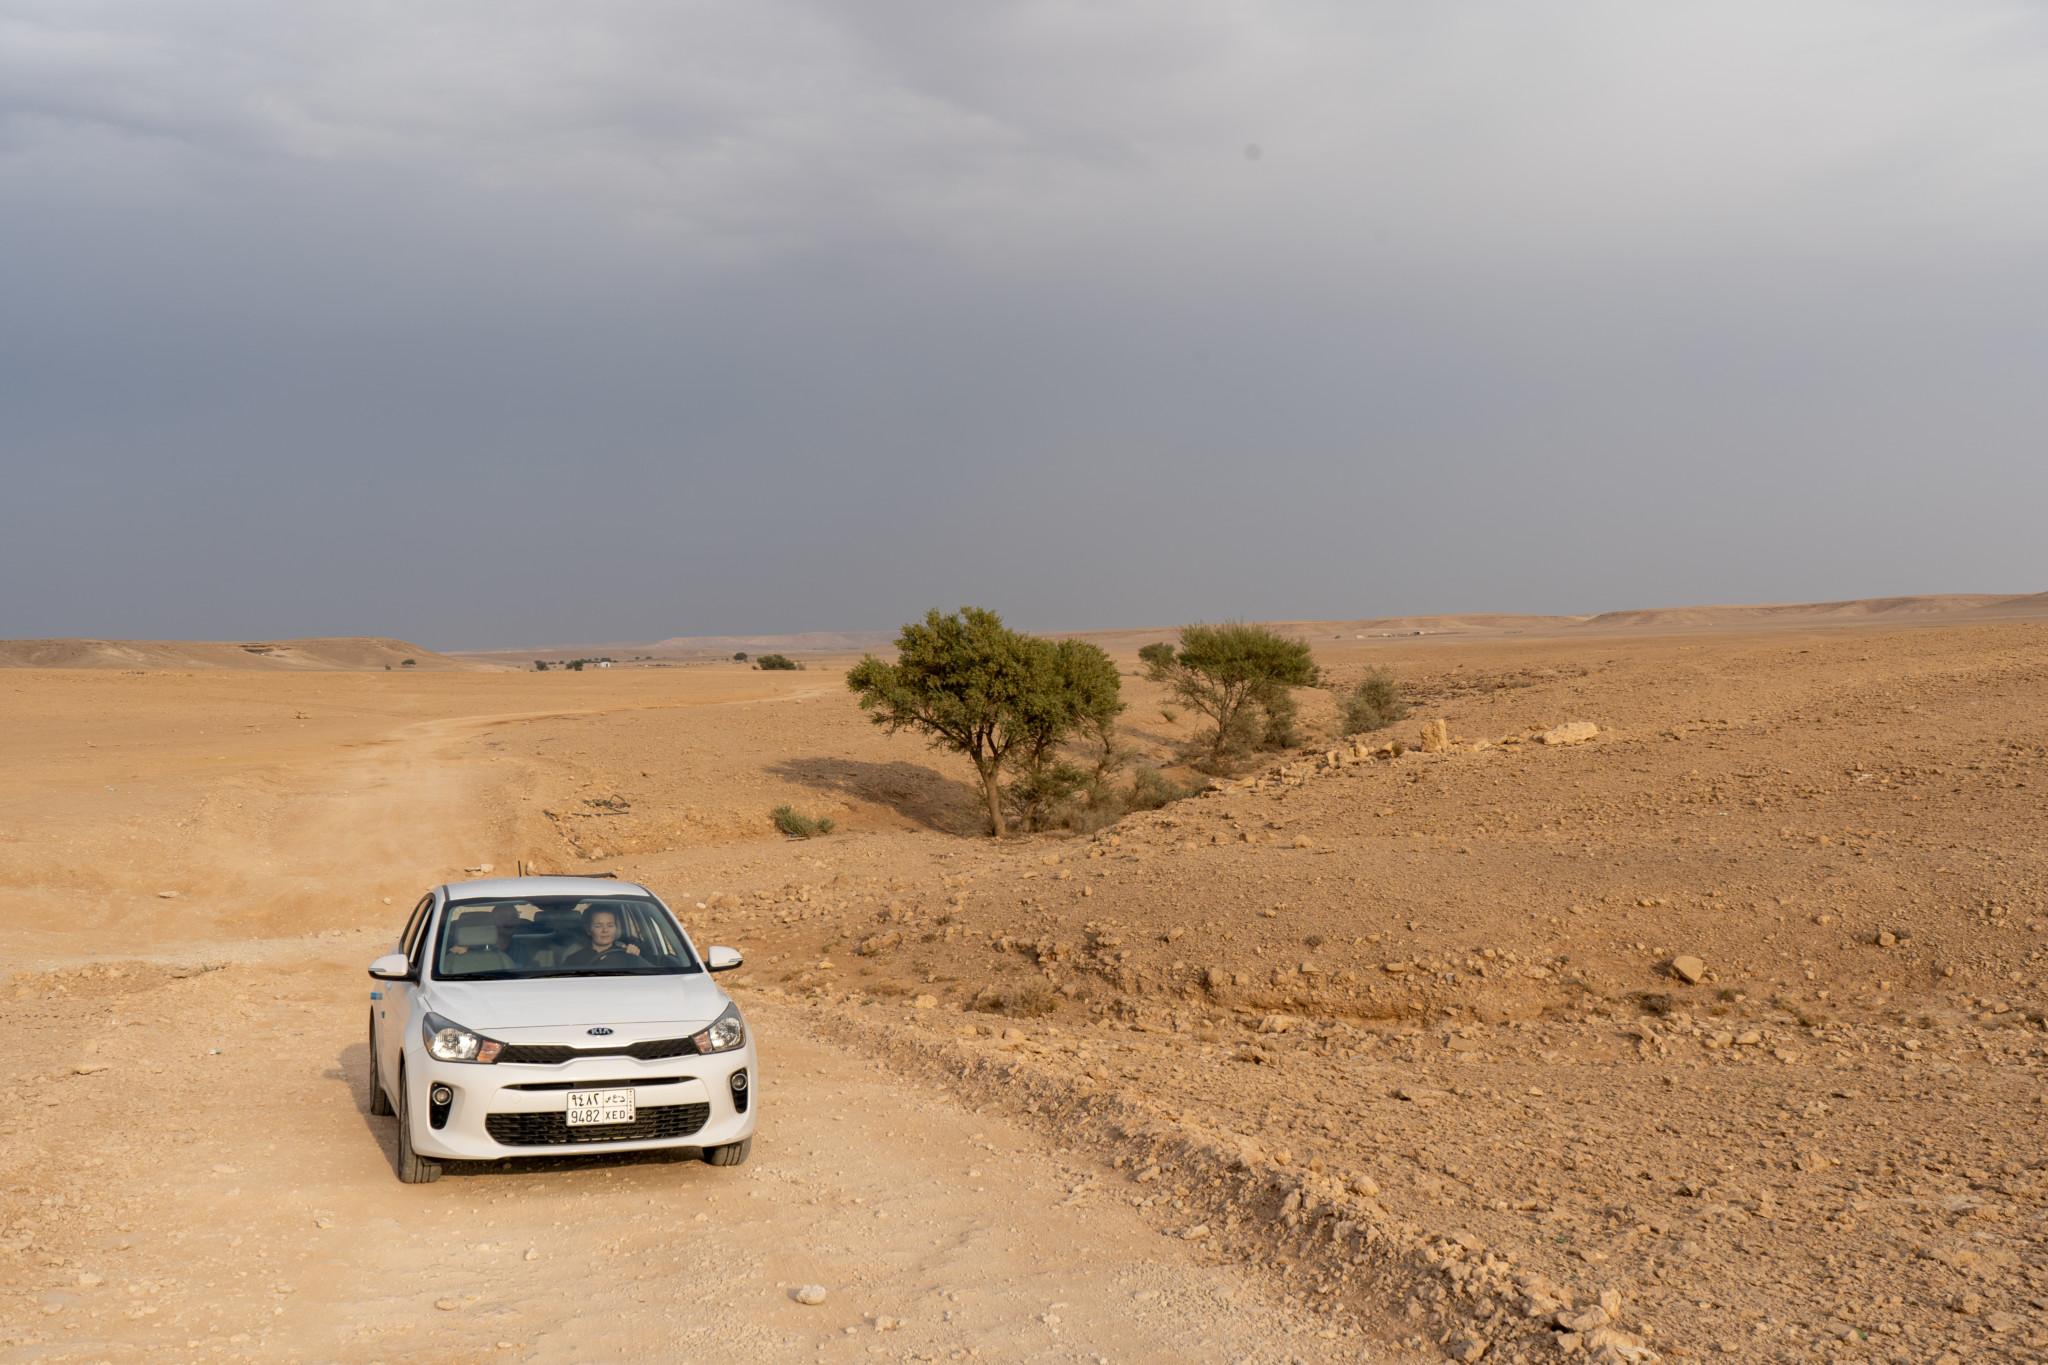 Der Weg zum Edge of the World führt durch endlose Wüste